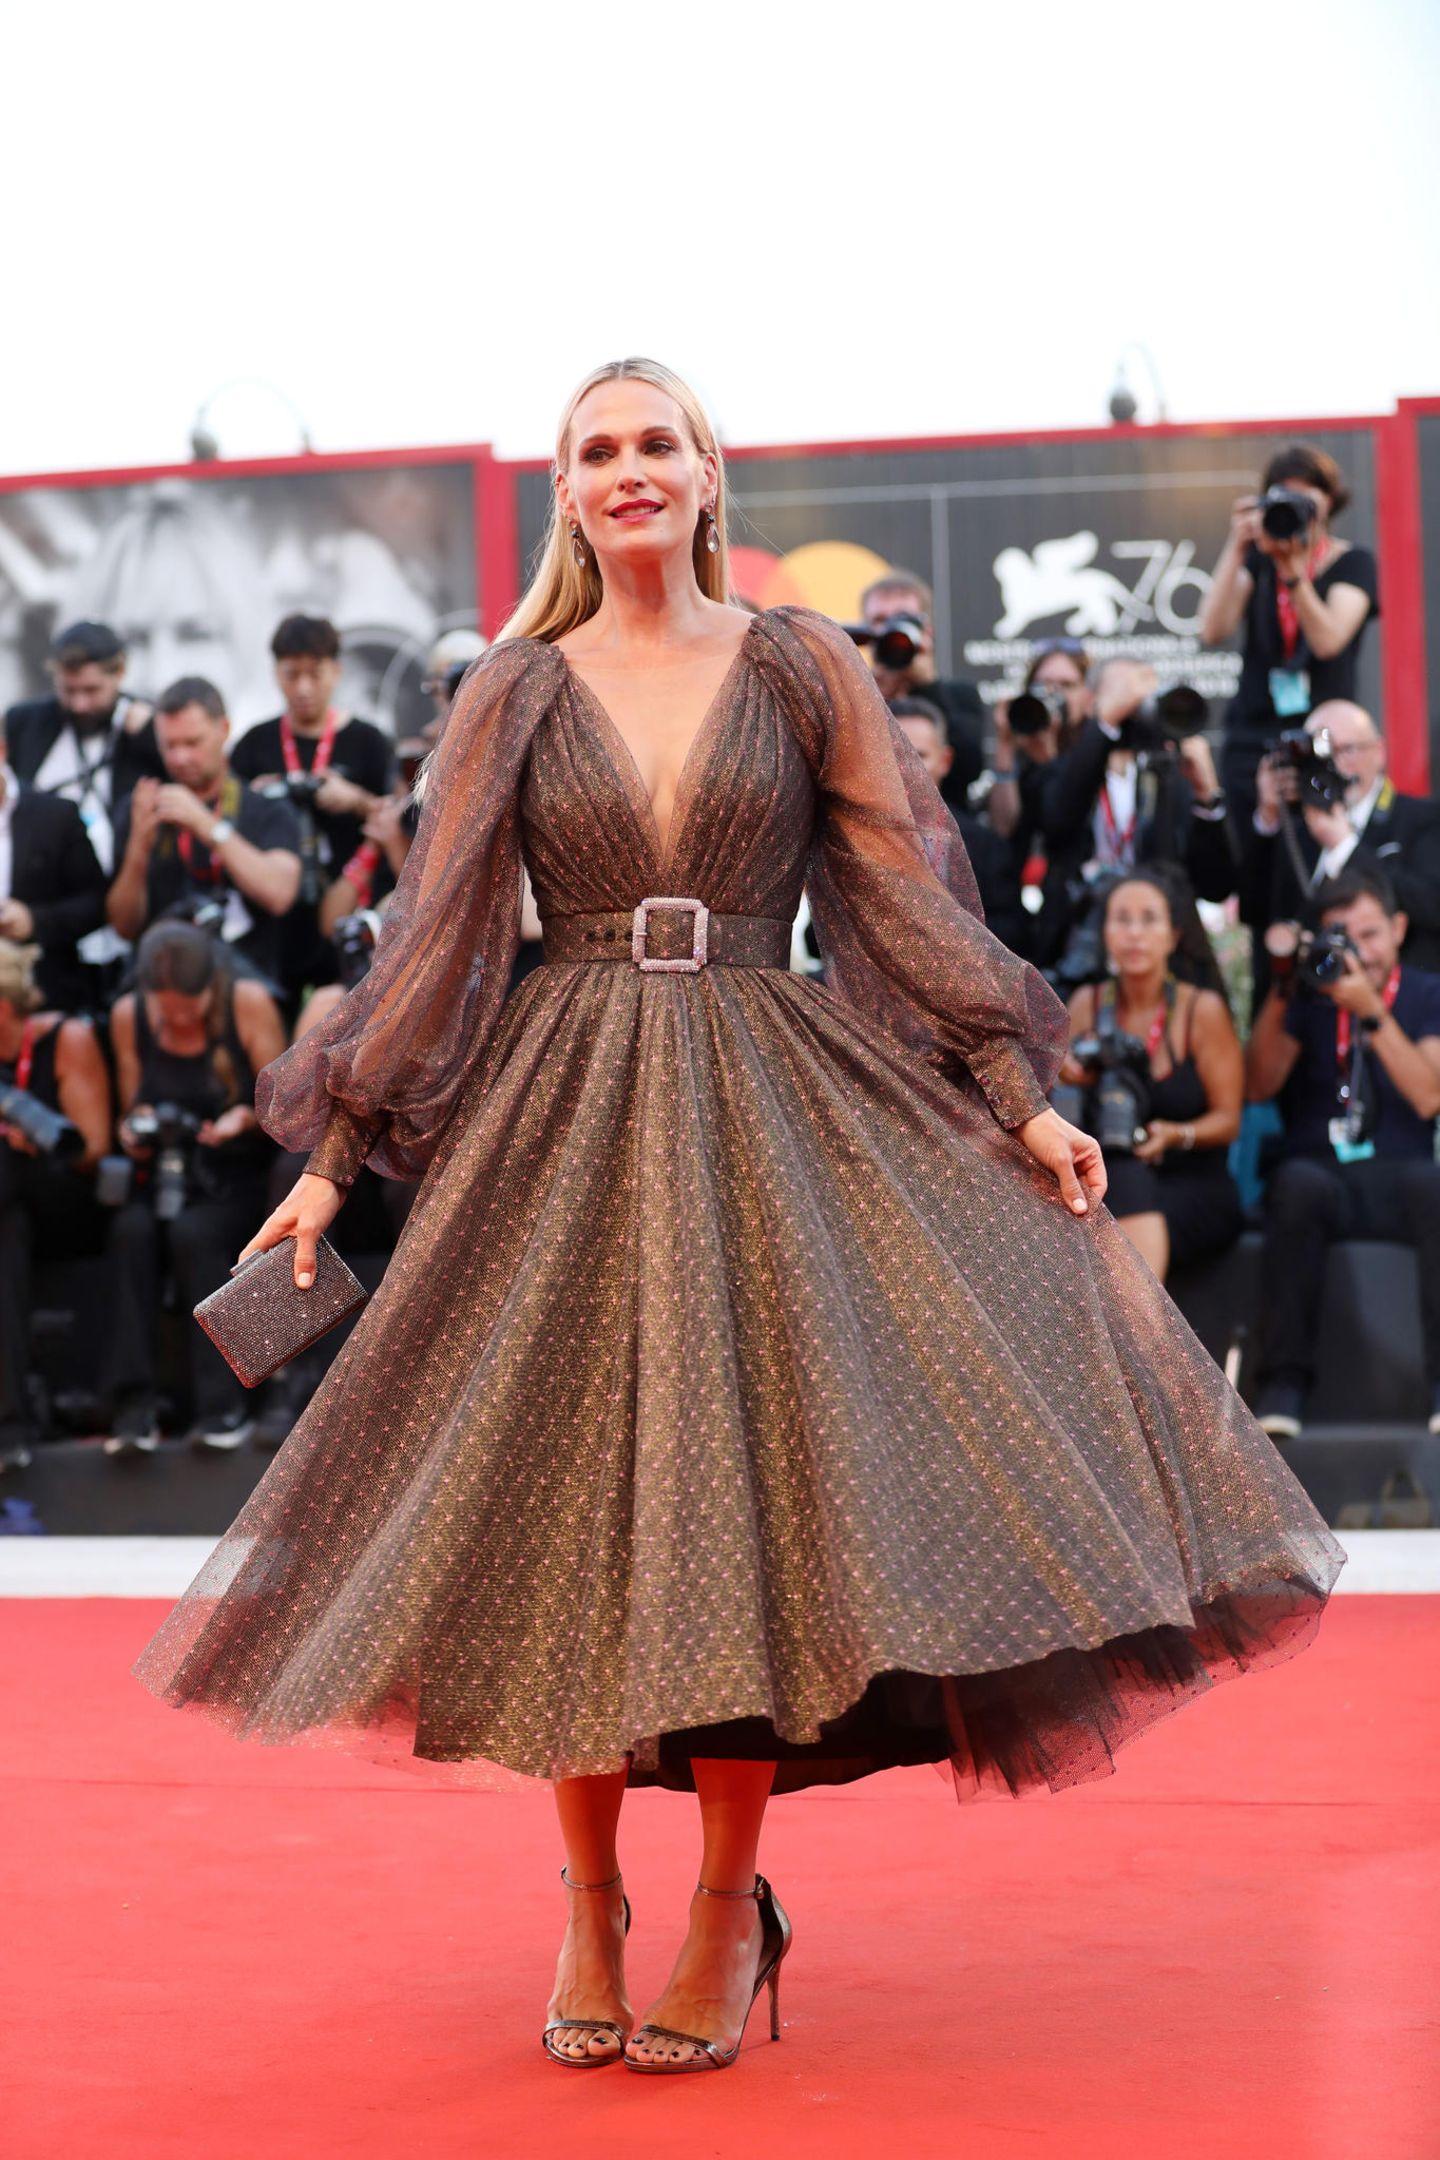 Molly Sims erlebt in ihrem ausgestellten Kleid den großen Auftritt. Zu dem tiefen Ausschnitt, dem Taillengürtel mit Glitzerschnalle und dem opulenten Rock trägt sie natürliches Make-up und offene Haare.